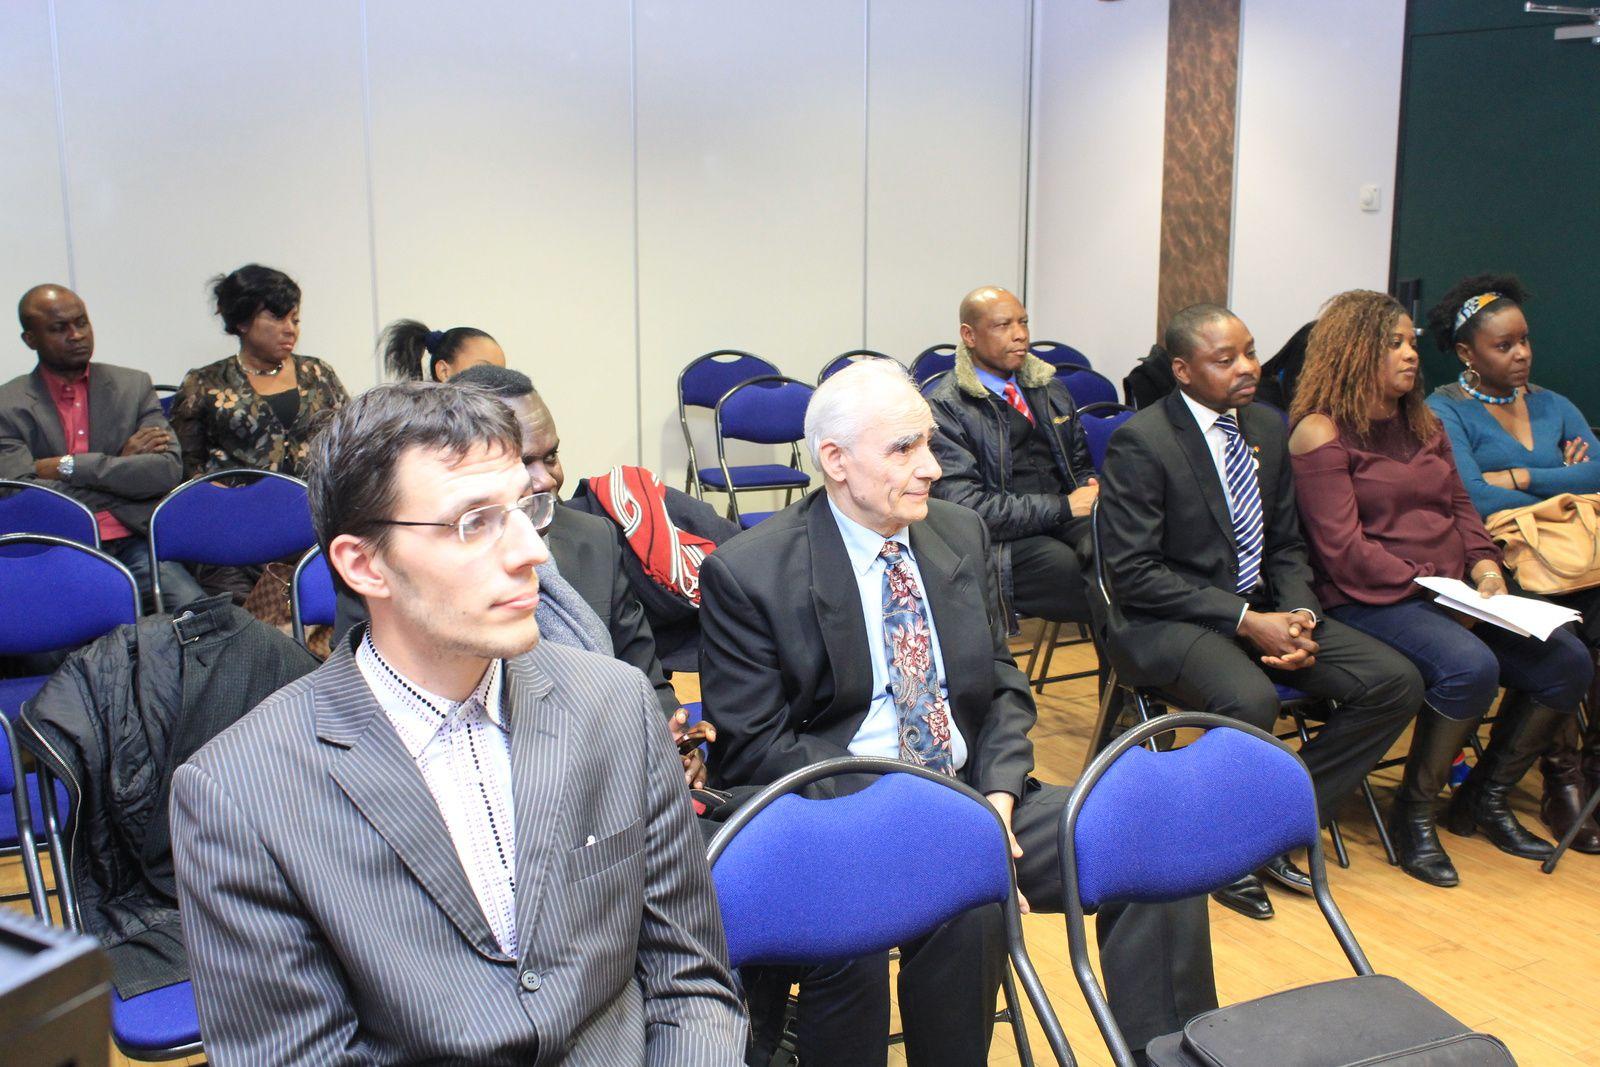 Didier Dikolo du Forum Citoyen, 2016 doit générer une nouvelle gouvernance en RD Congo